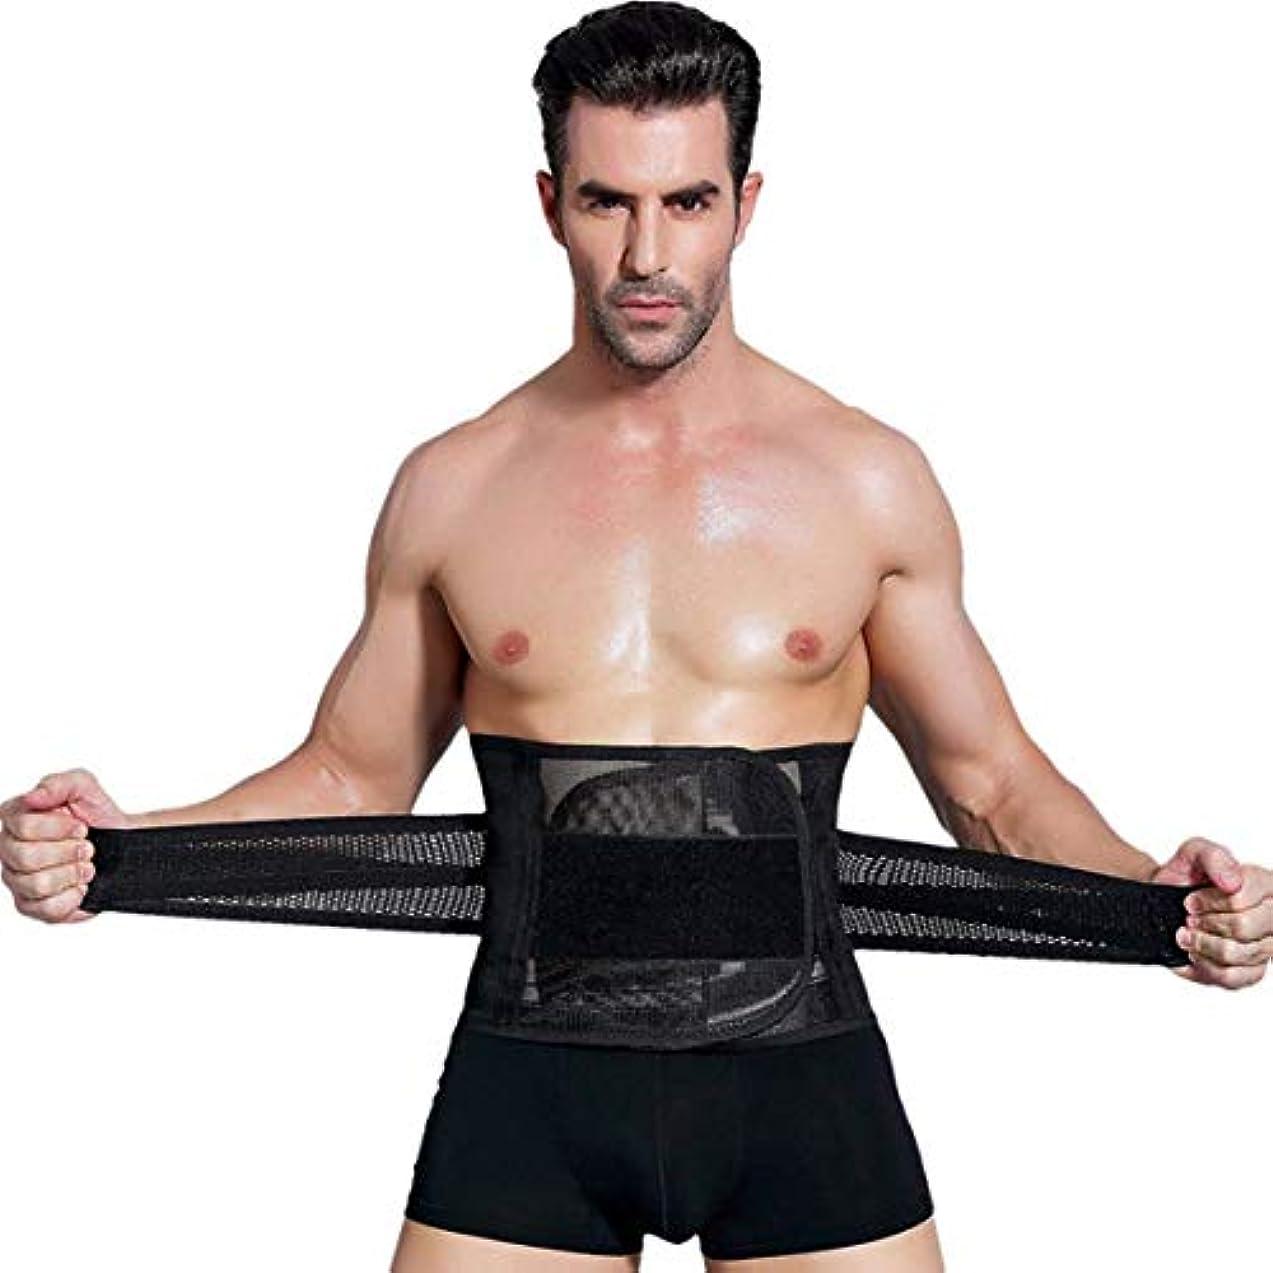 わかる途方もない既に男性ボディシェイパーコルセット腹部おなかコントロールウエストトレーナーニッパー脂肪燃焼ガードル痩身腹ベルト用男性 - ブラックXXL